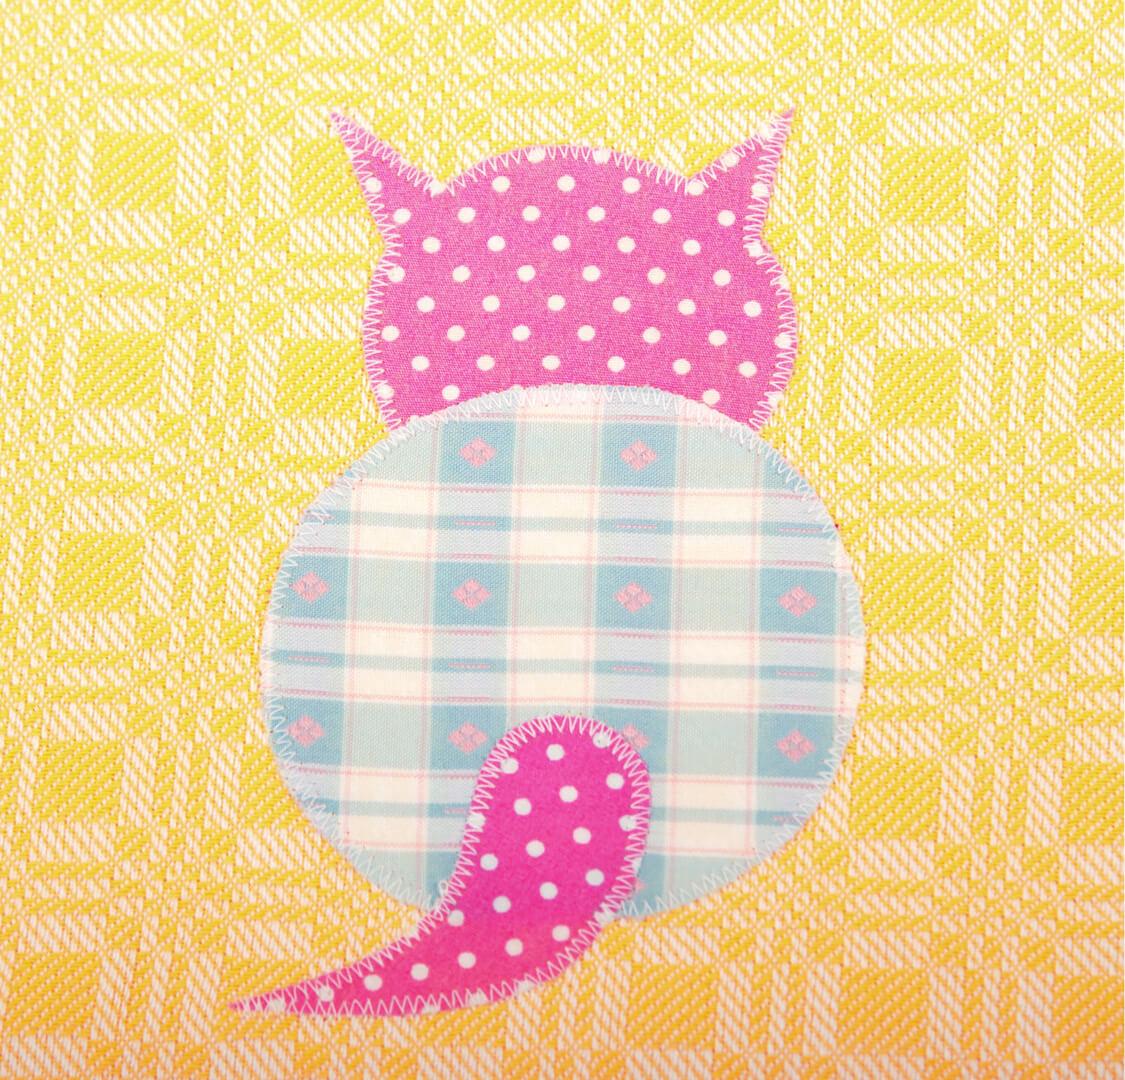 Gelbes Geschirrtuch mit sitzender rosa Katze